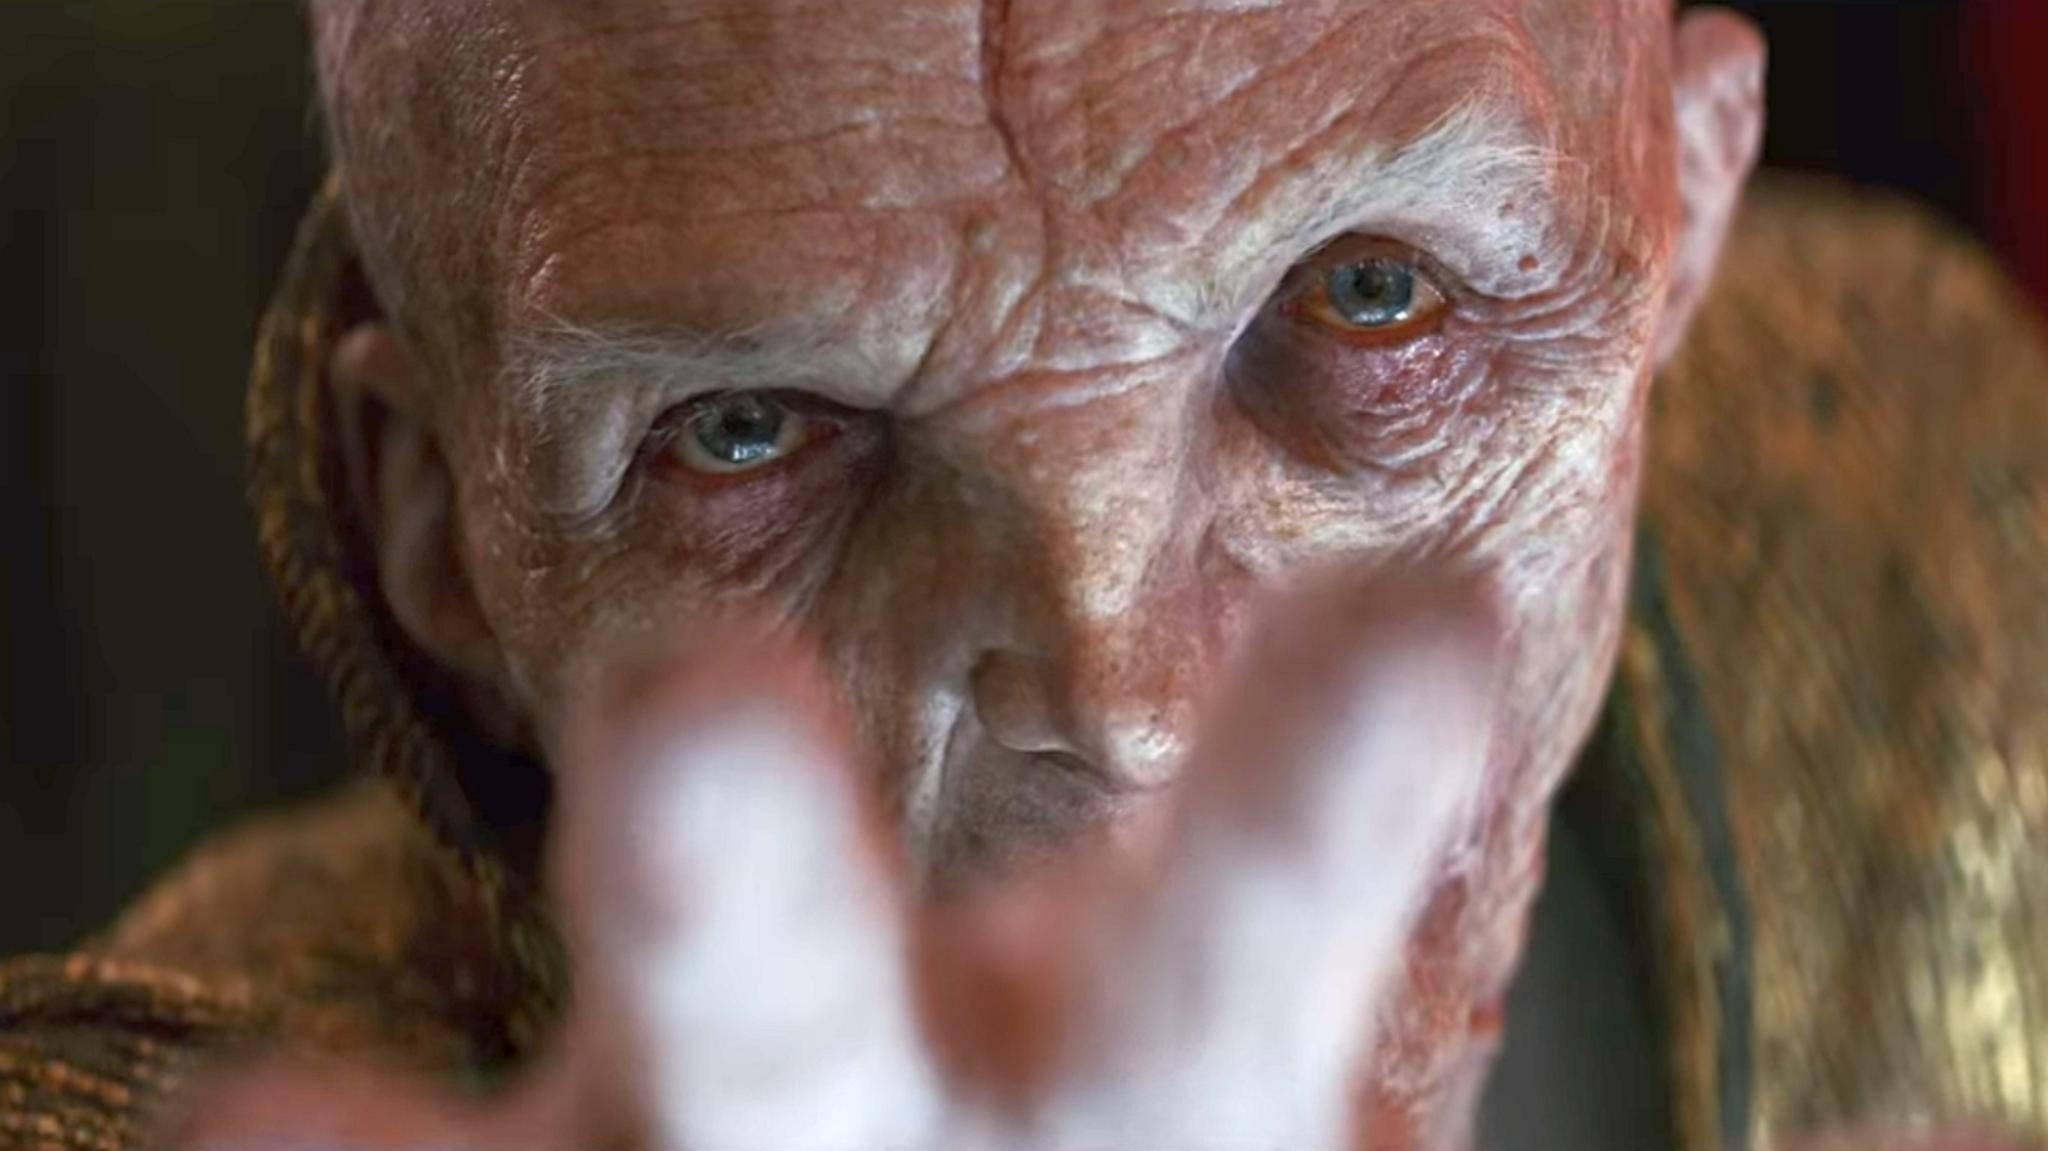 Da hilft auch Anti-Aging-Creme nicht mehr viel: Snoke ist erstmals in voller Pracht zu sehen.